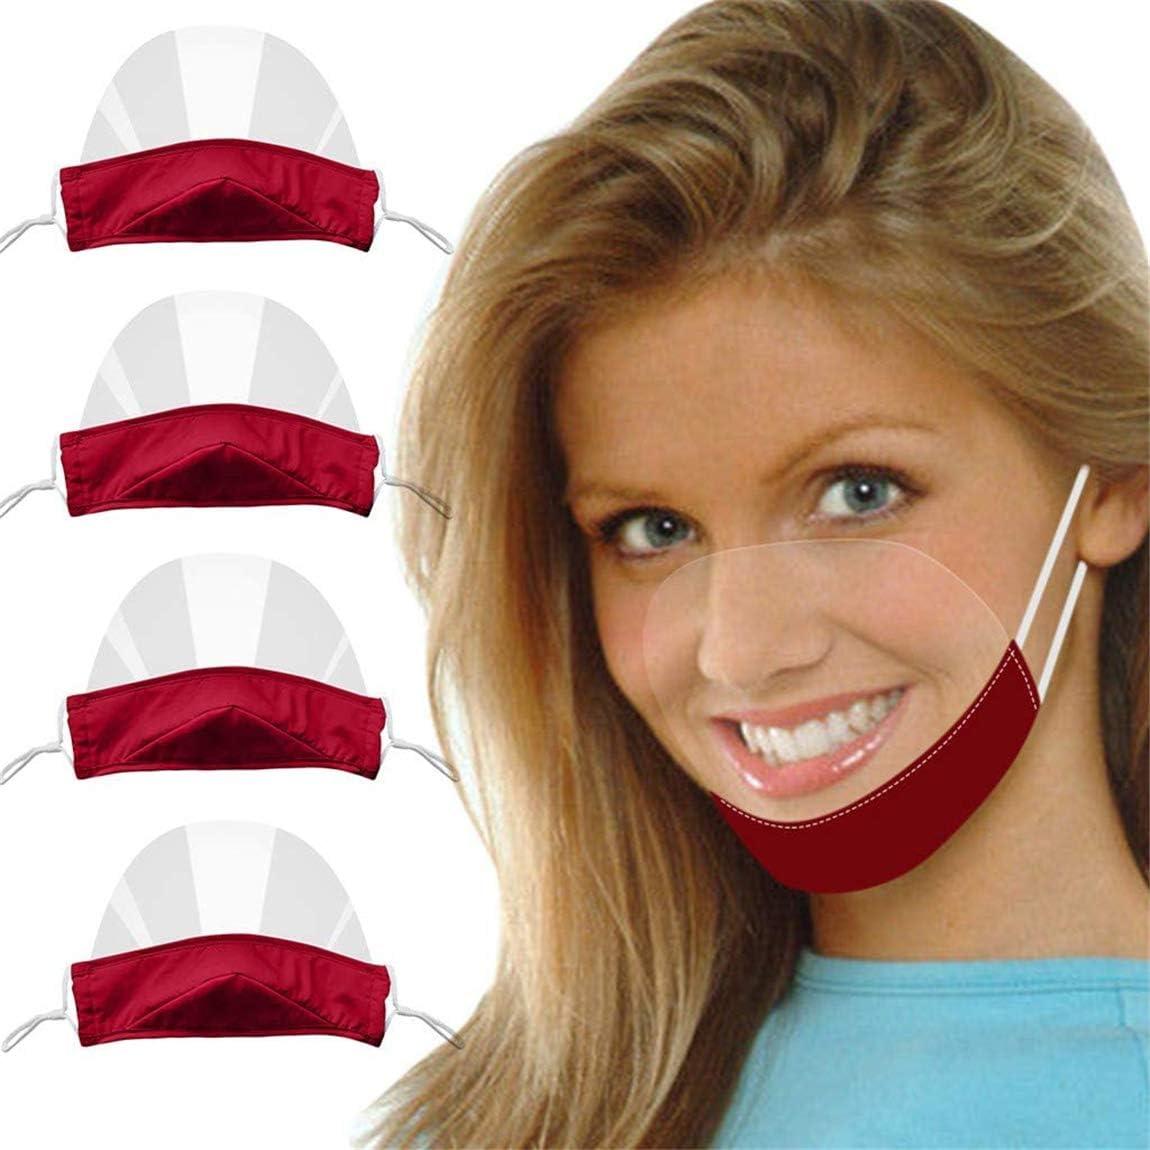 4 Piezas de Protector Transparente Protector Facial Visor de plástico Protector Facial protección Facial Anti-Saliva para higiene alimentaria Visor para manipuladores Alimentos Visor Protector(Rojo)